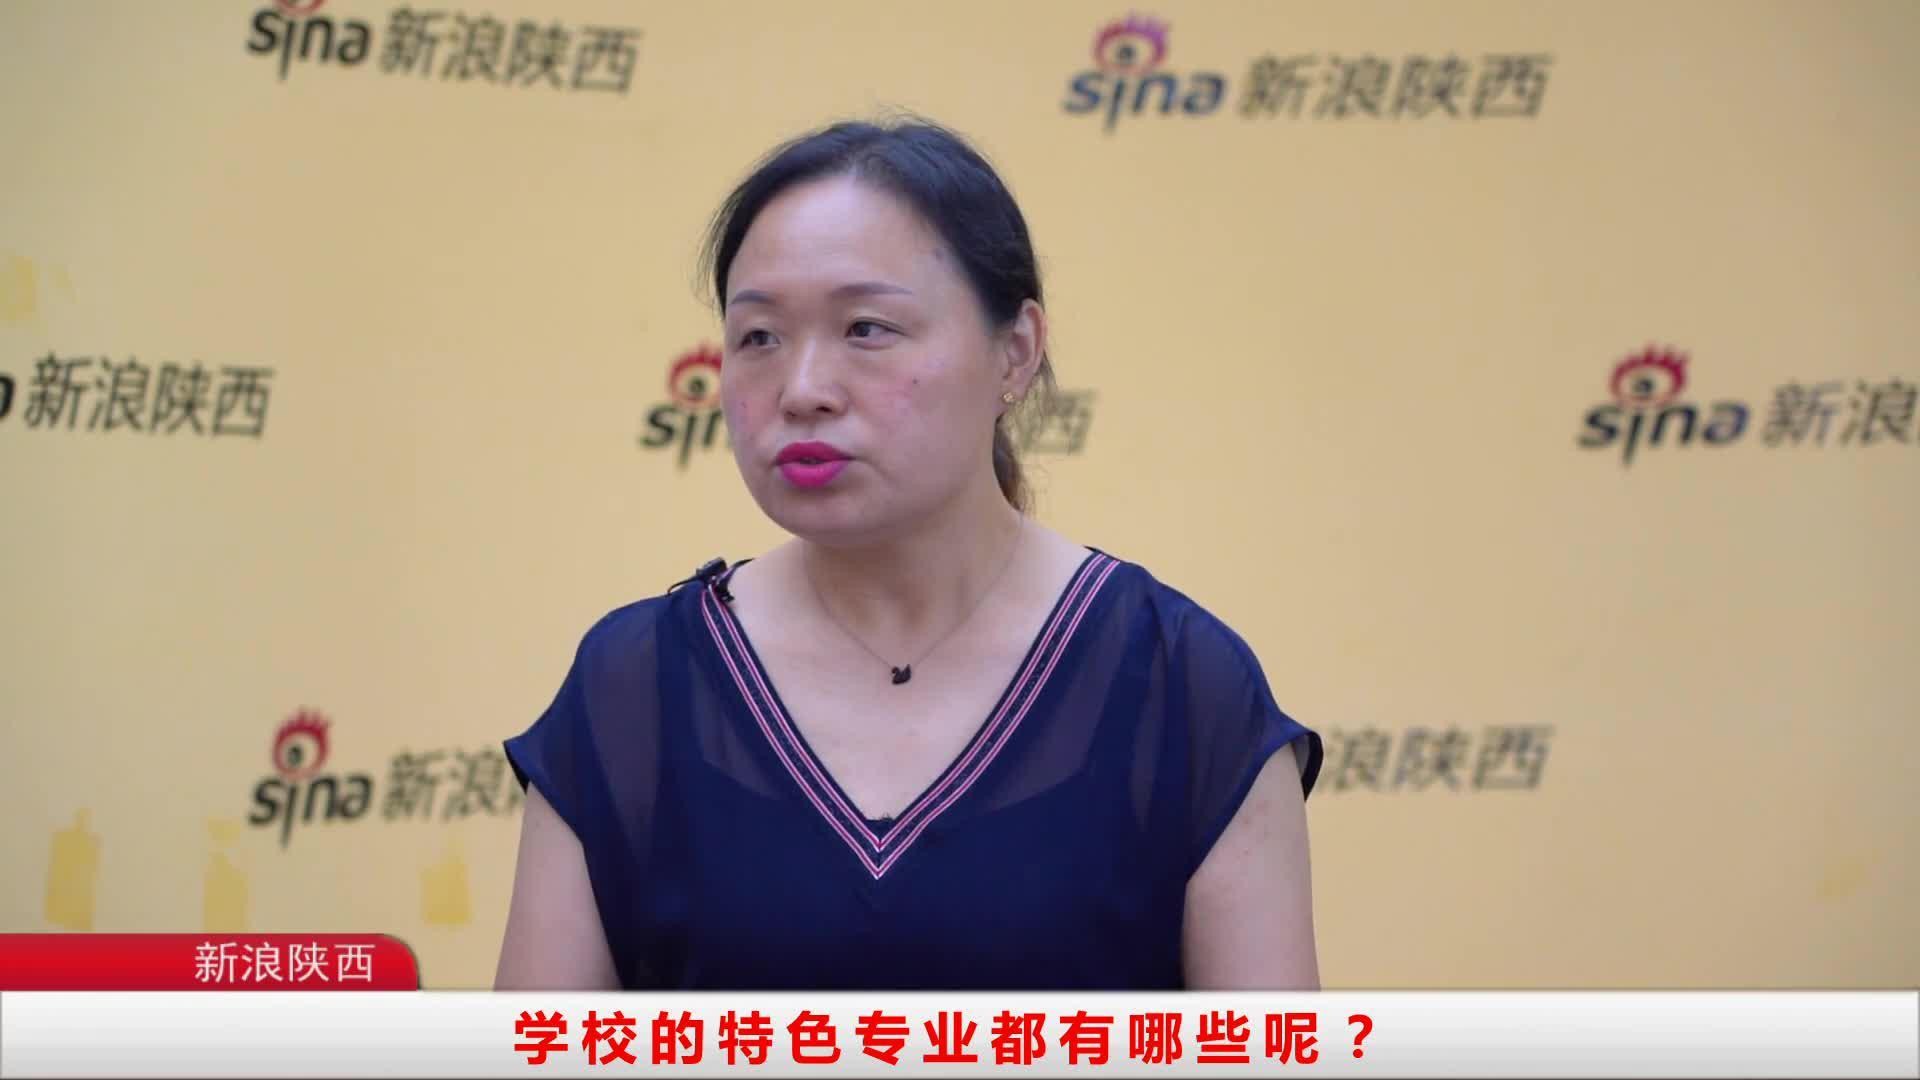 新浪陕西专访陕西国际商贸学院招生就业处副处长白军华